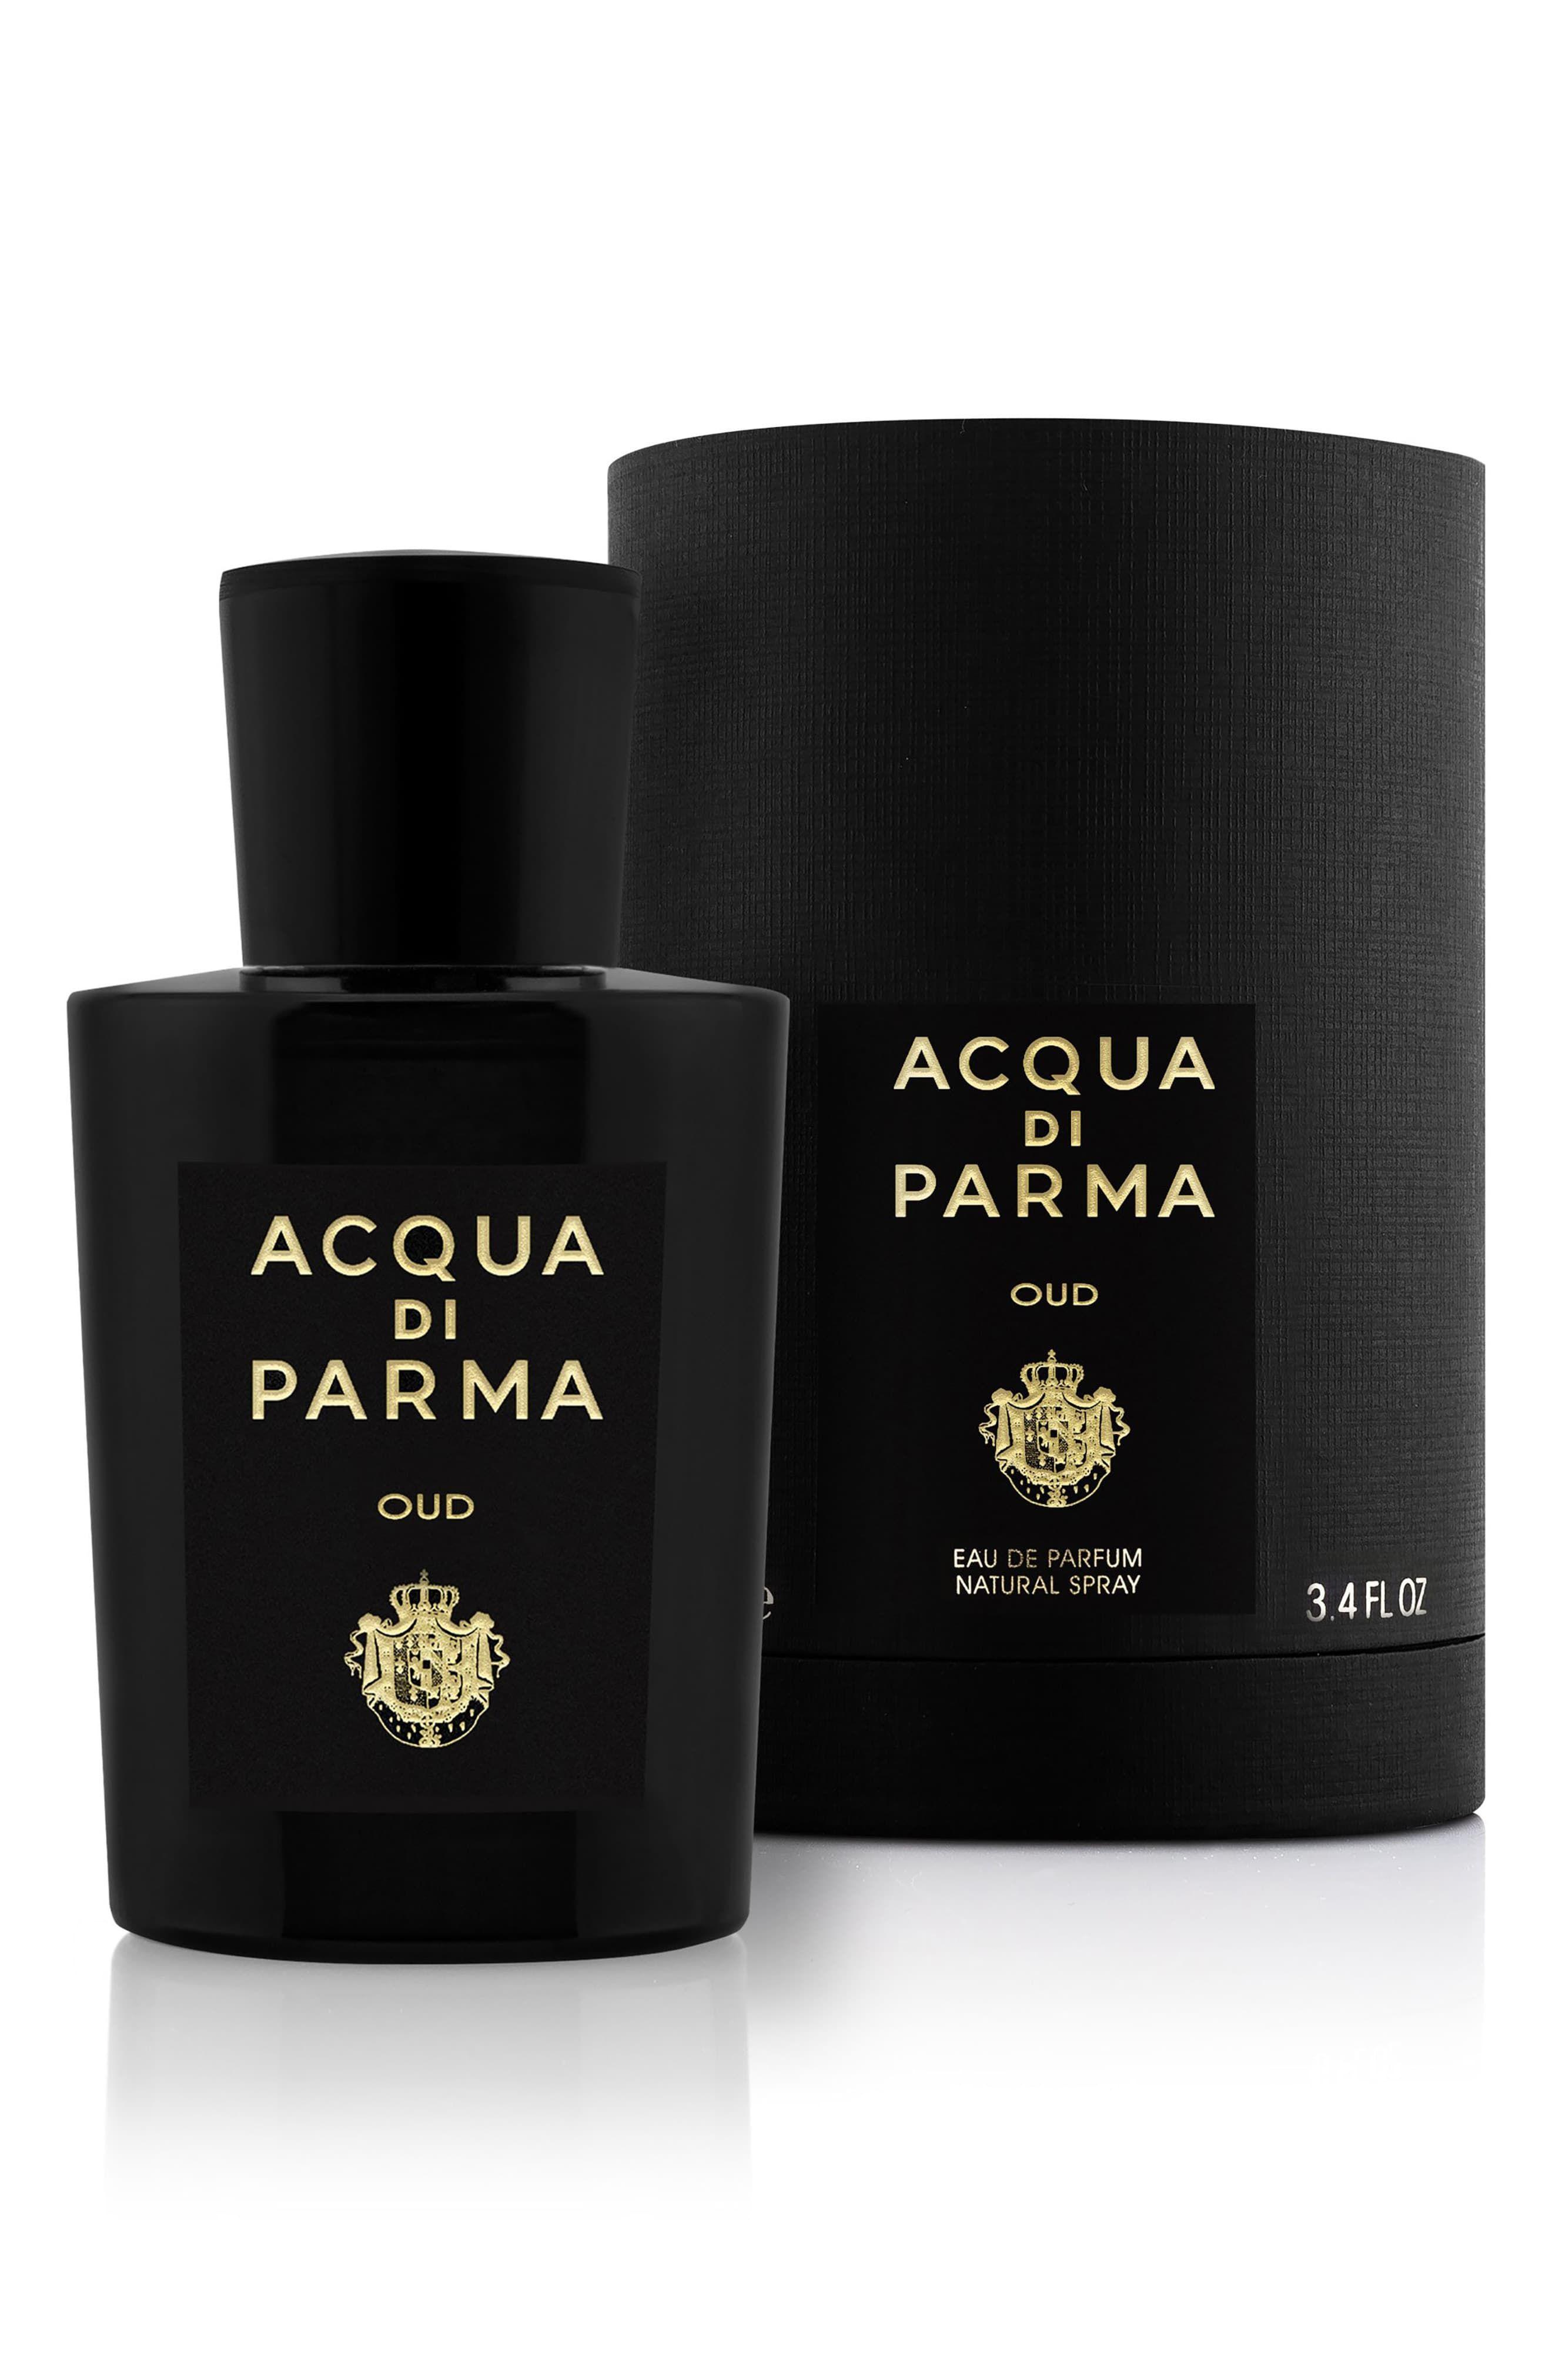 Acqua Di Parma Oud Eau De Parfum Fragrance Perfume Fragrance Outlet